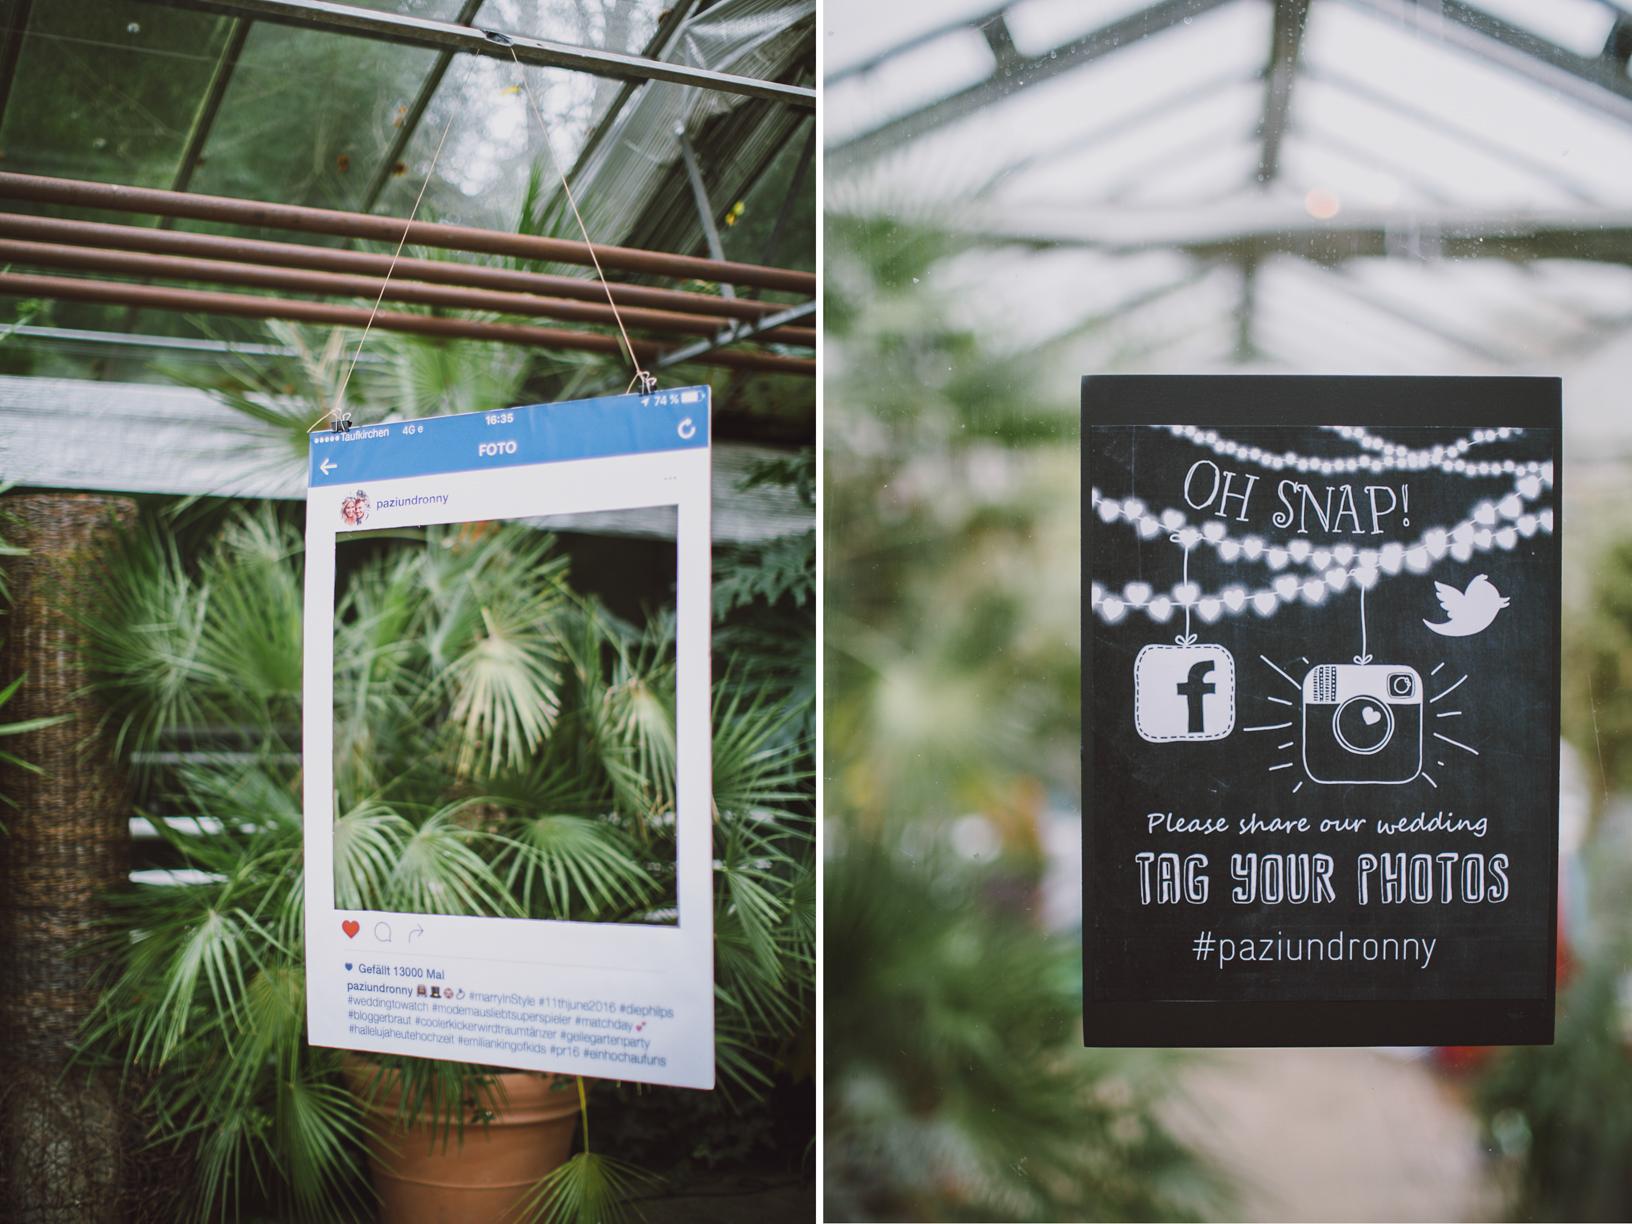 Instagram Rahmen Photo Booth Hochzeit - Maison Pazi